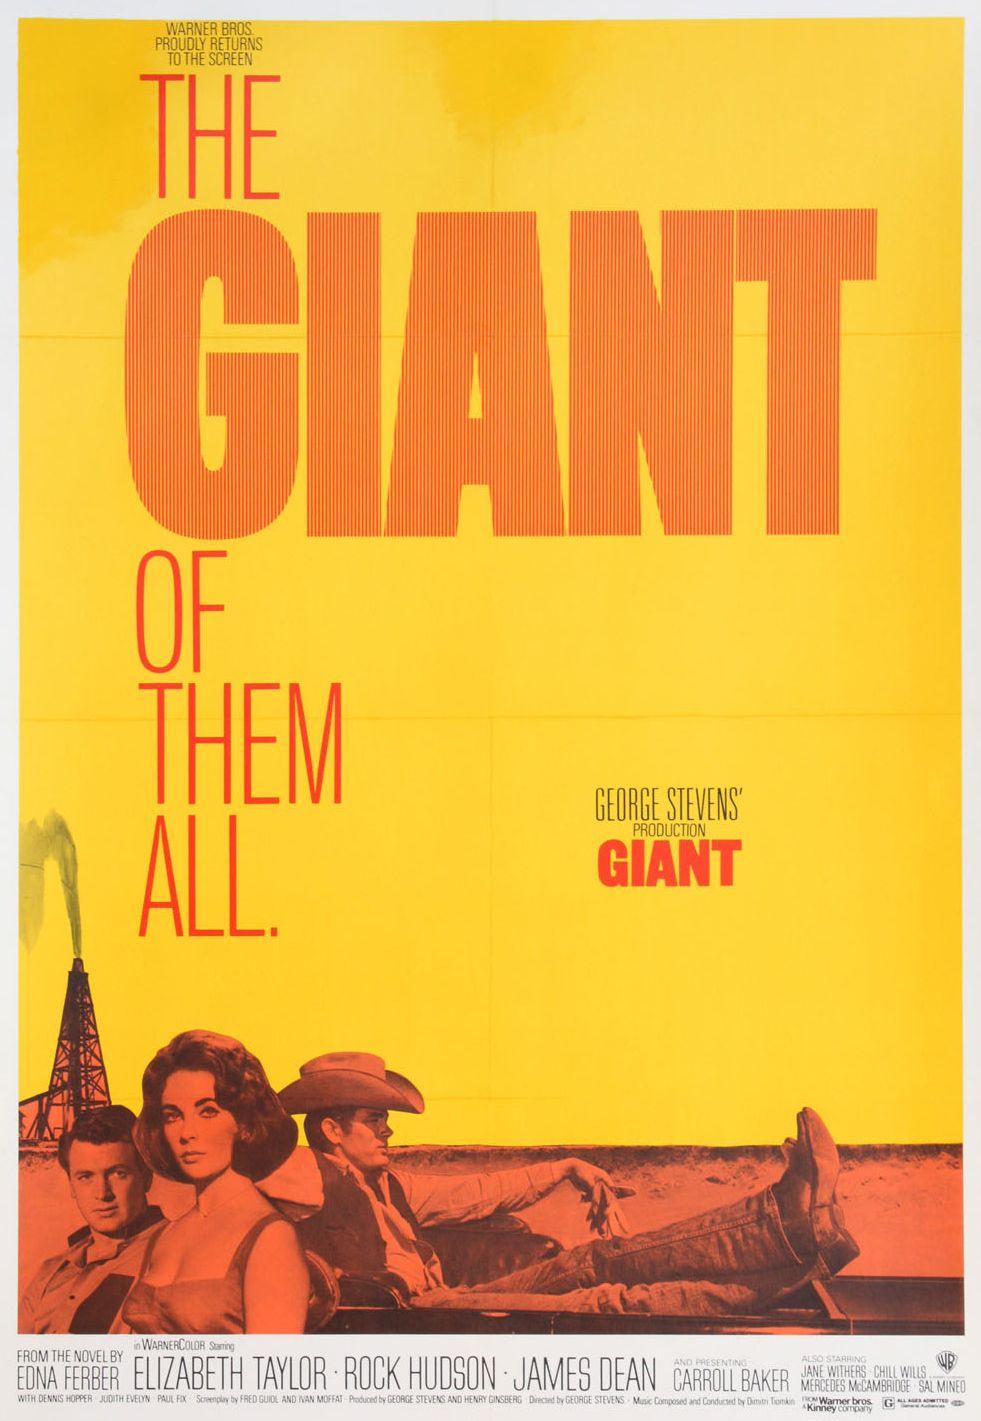 George Stevens' Giant (1956) starring Elizabeth Taylor ...